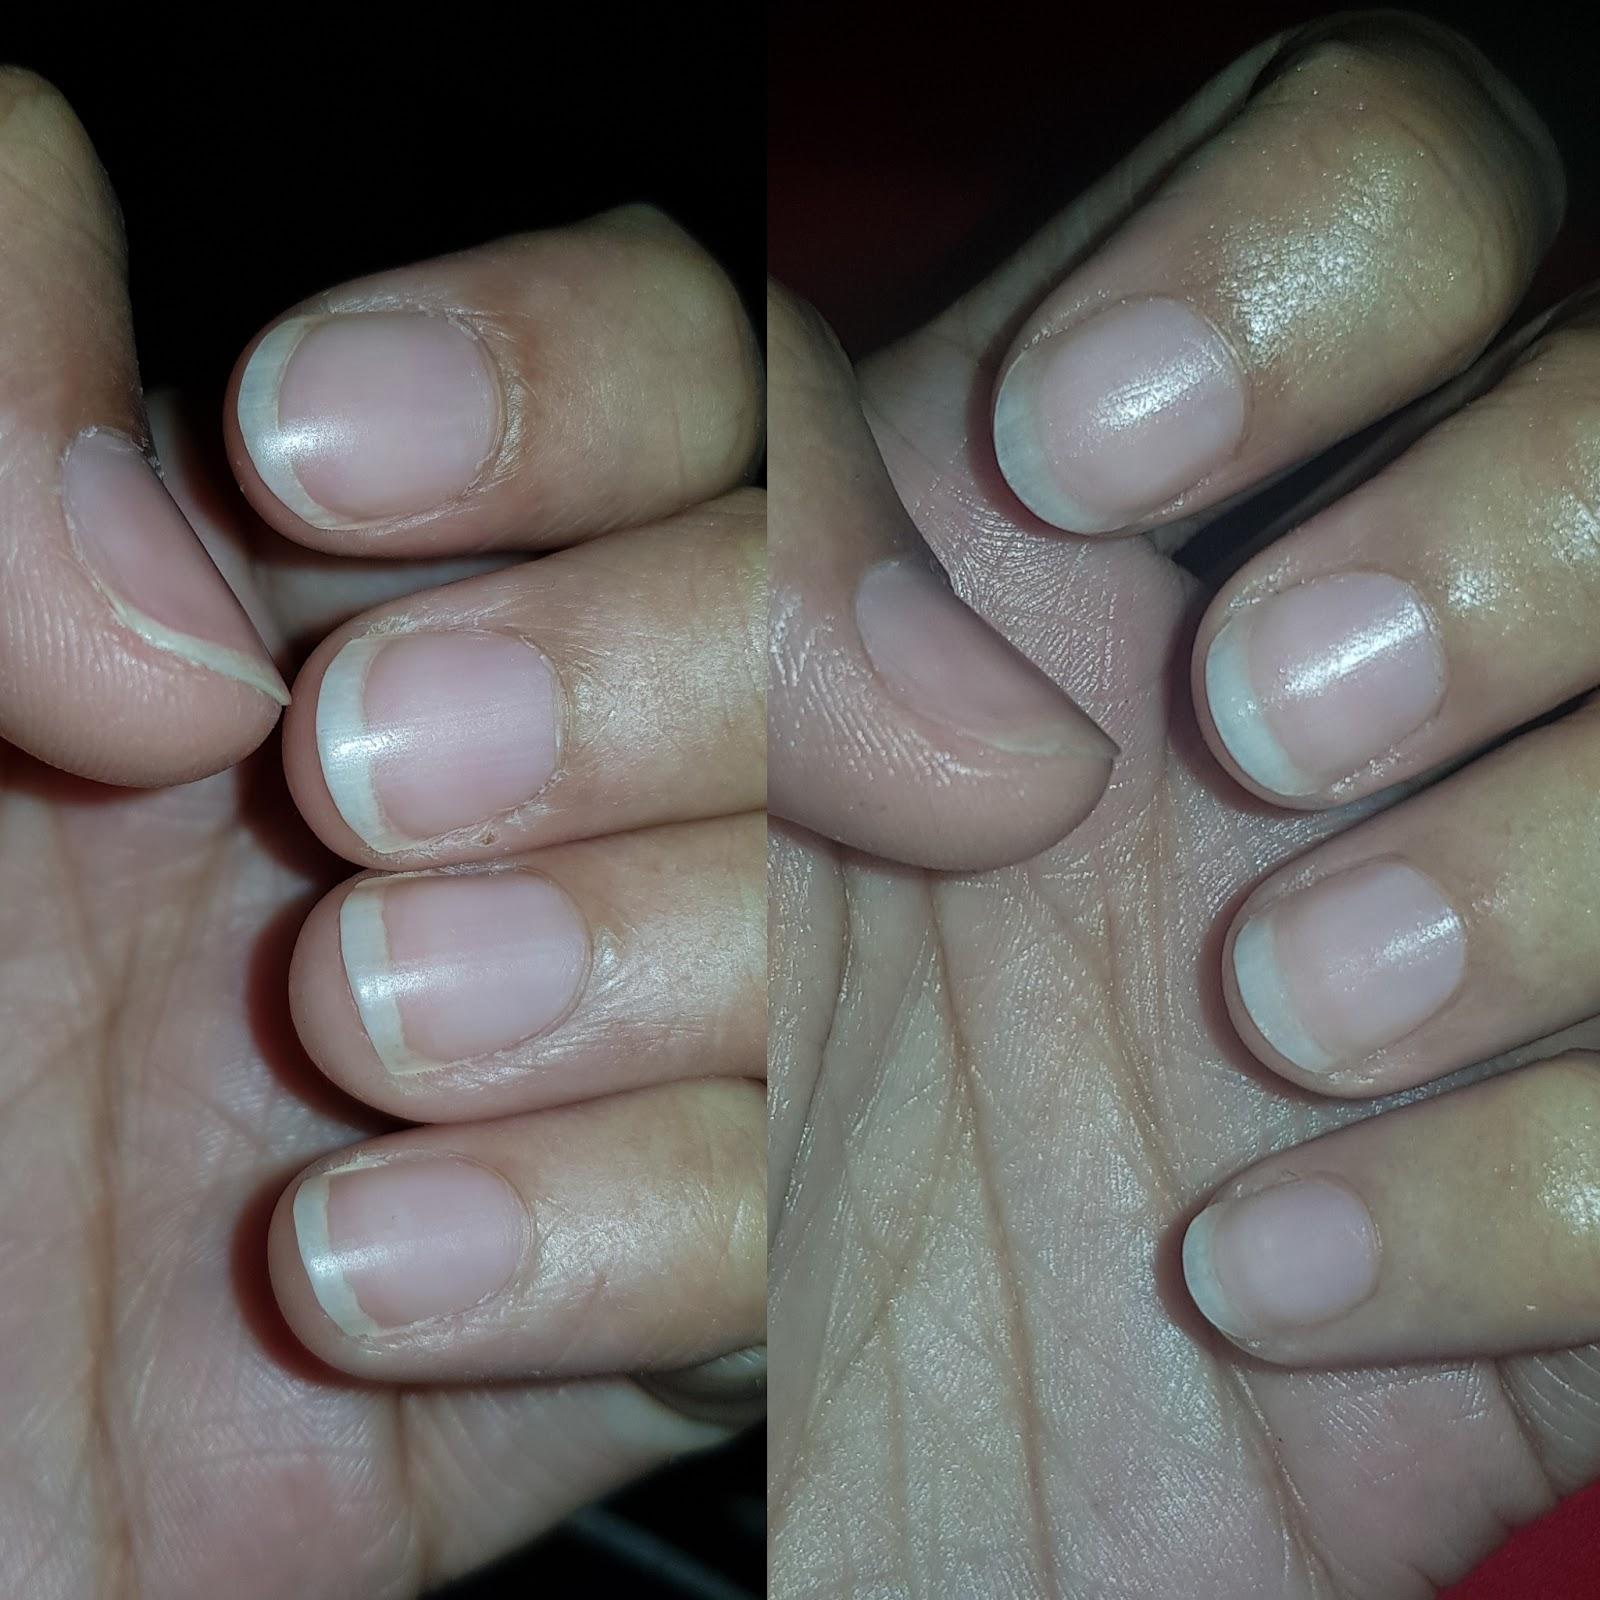 Dry chapped skin around nails?